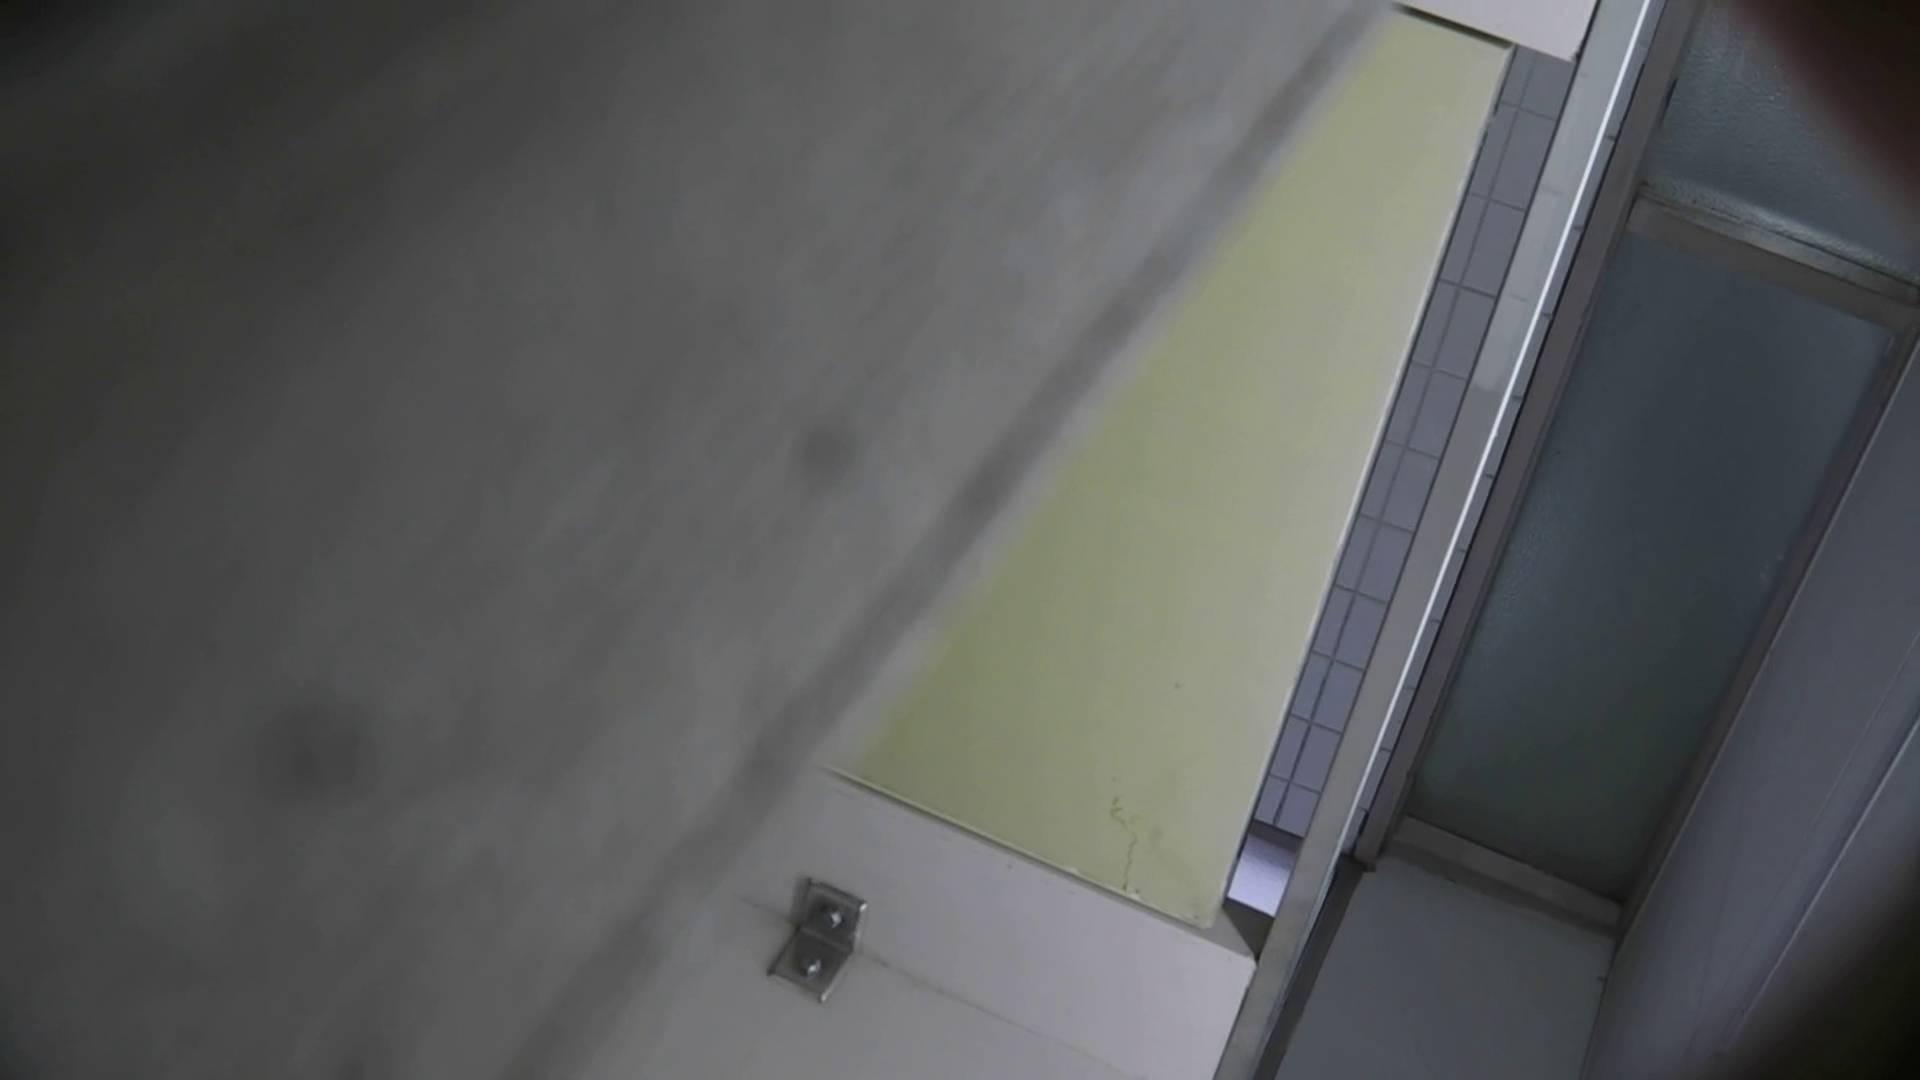 【美しき個室な世界】vol.015 特攻隊の軌跡 洗面所 おまんこ動画流出 79pic 75